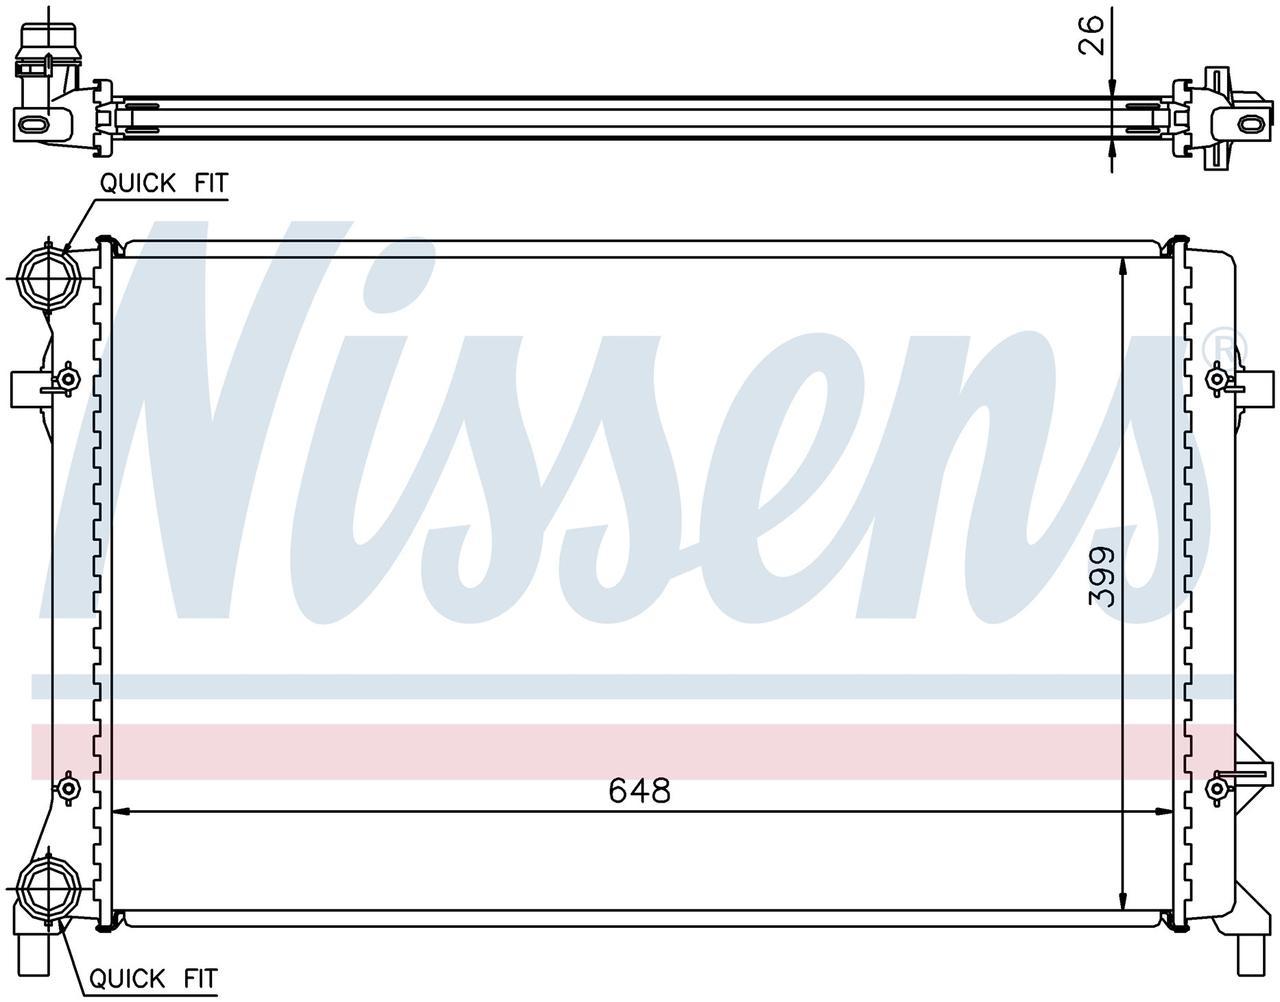 Радиатор охлаждения на VOLKSWAGEN GOLF V (1K) (03-) 1.4 i 16V